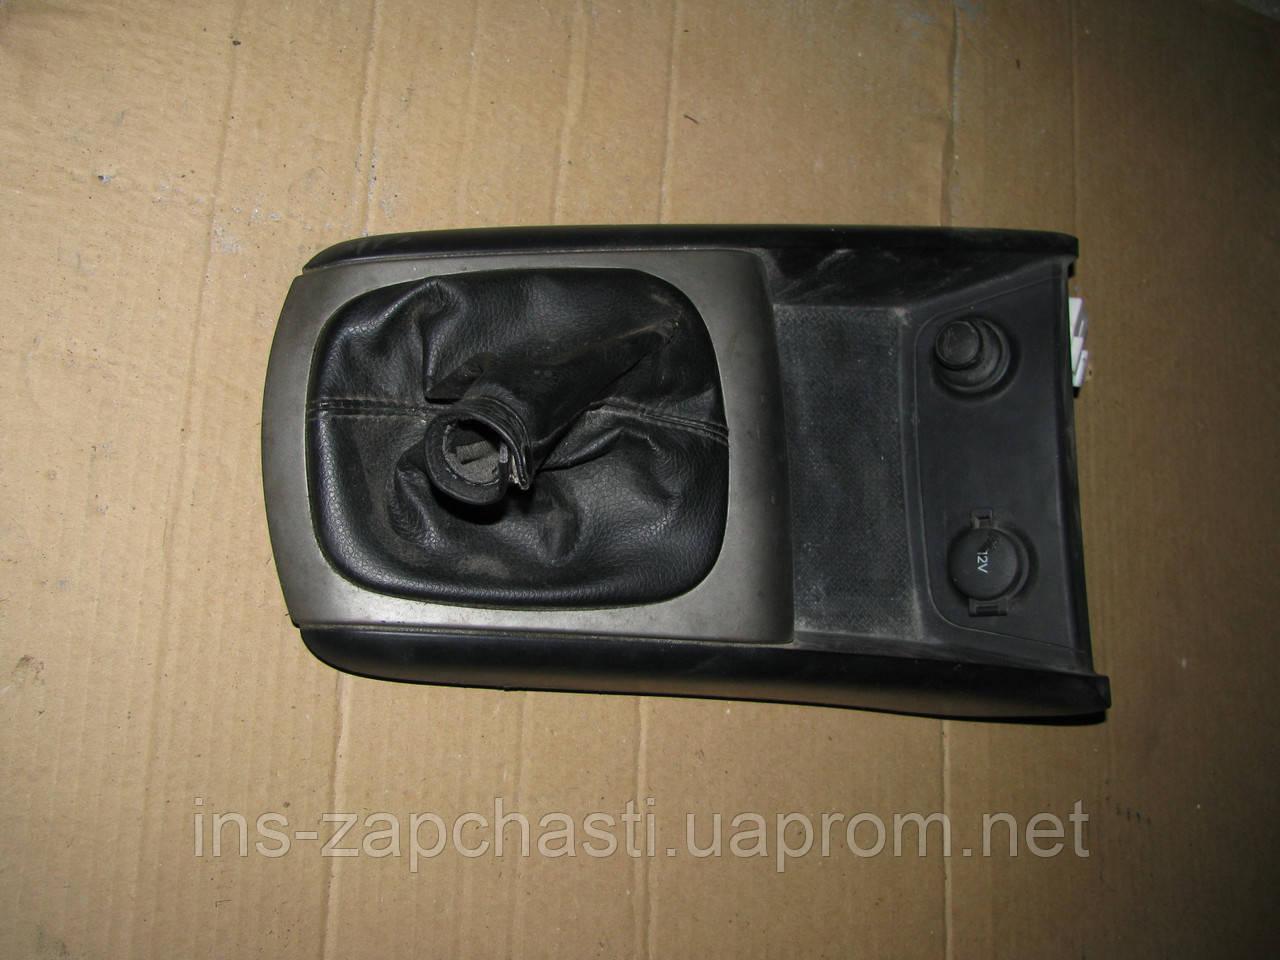 Панель передней консоли (с разьемом 12В и прикуривателем) 84651-2L100 Hyundai i30 2007-2011